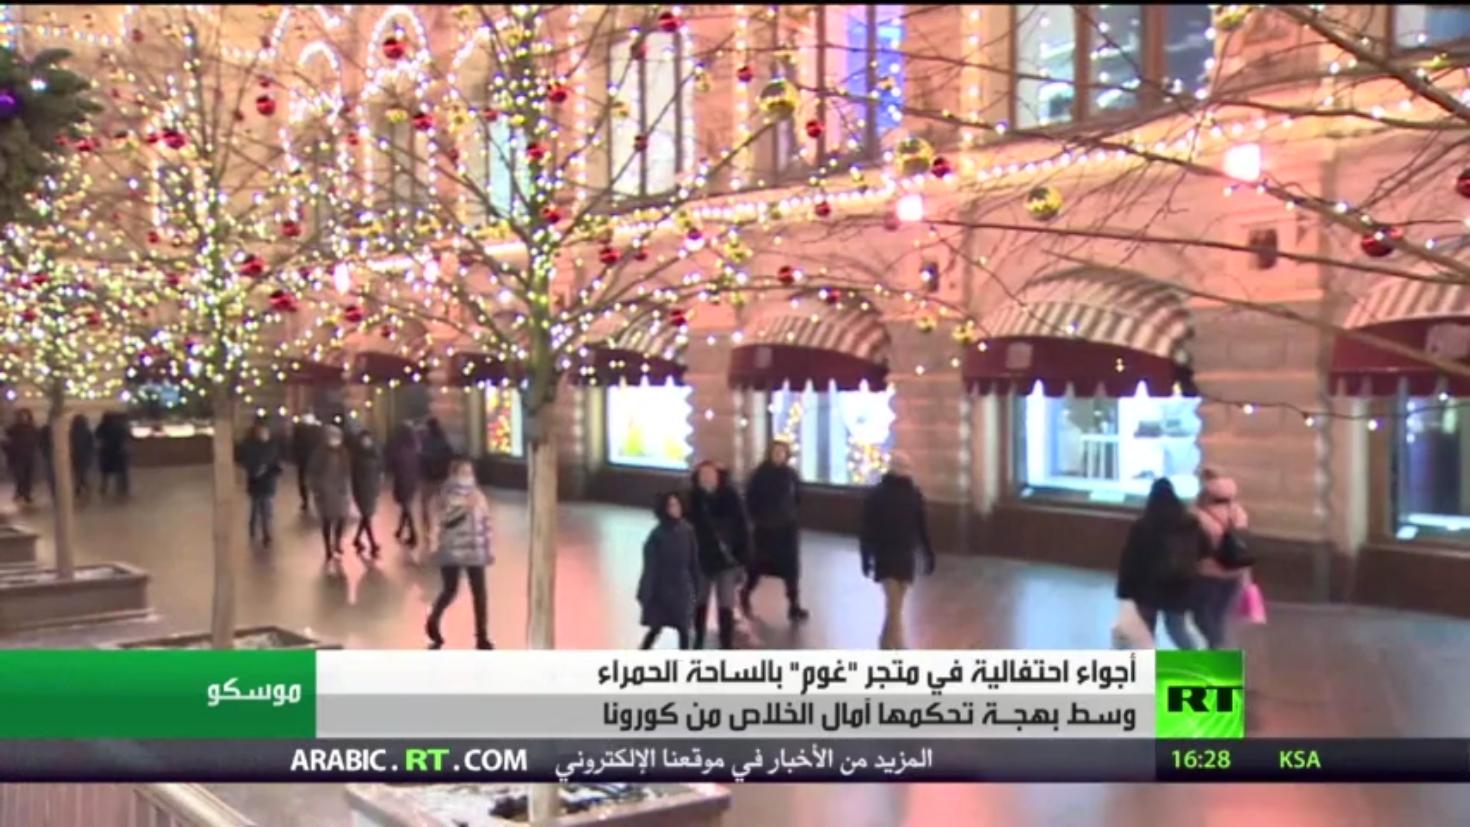 بهجة حذرة في أجواء عيد الميلاد في موسكو